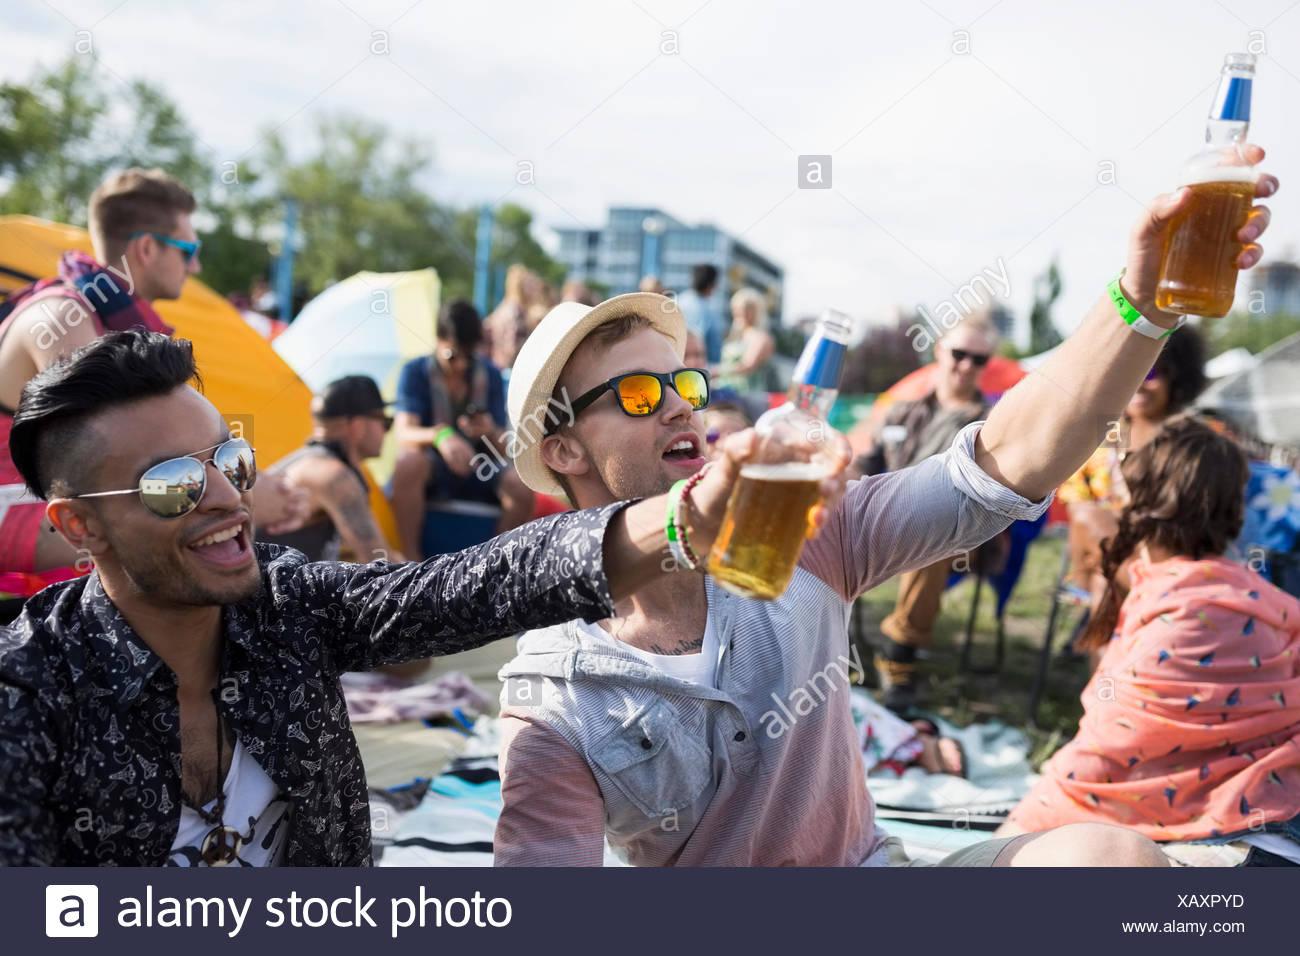 Los hombres jóvenes bebiendo cerveza vitoreando en festival de música de verano camping Imagen De Stock